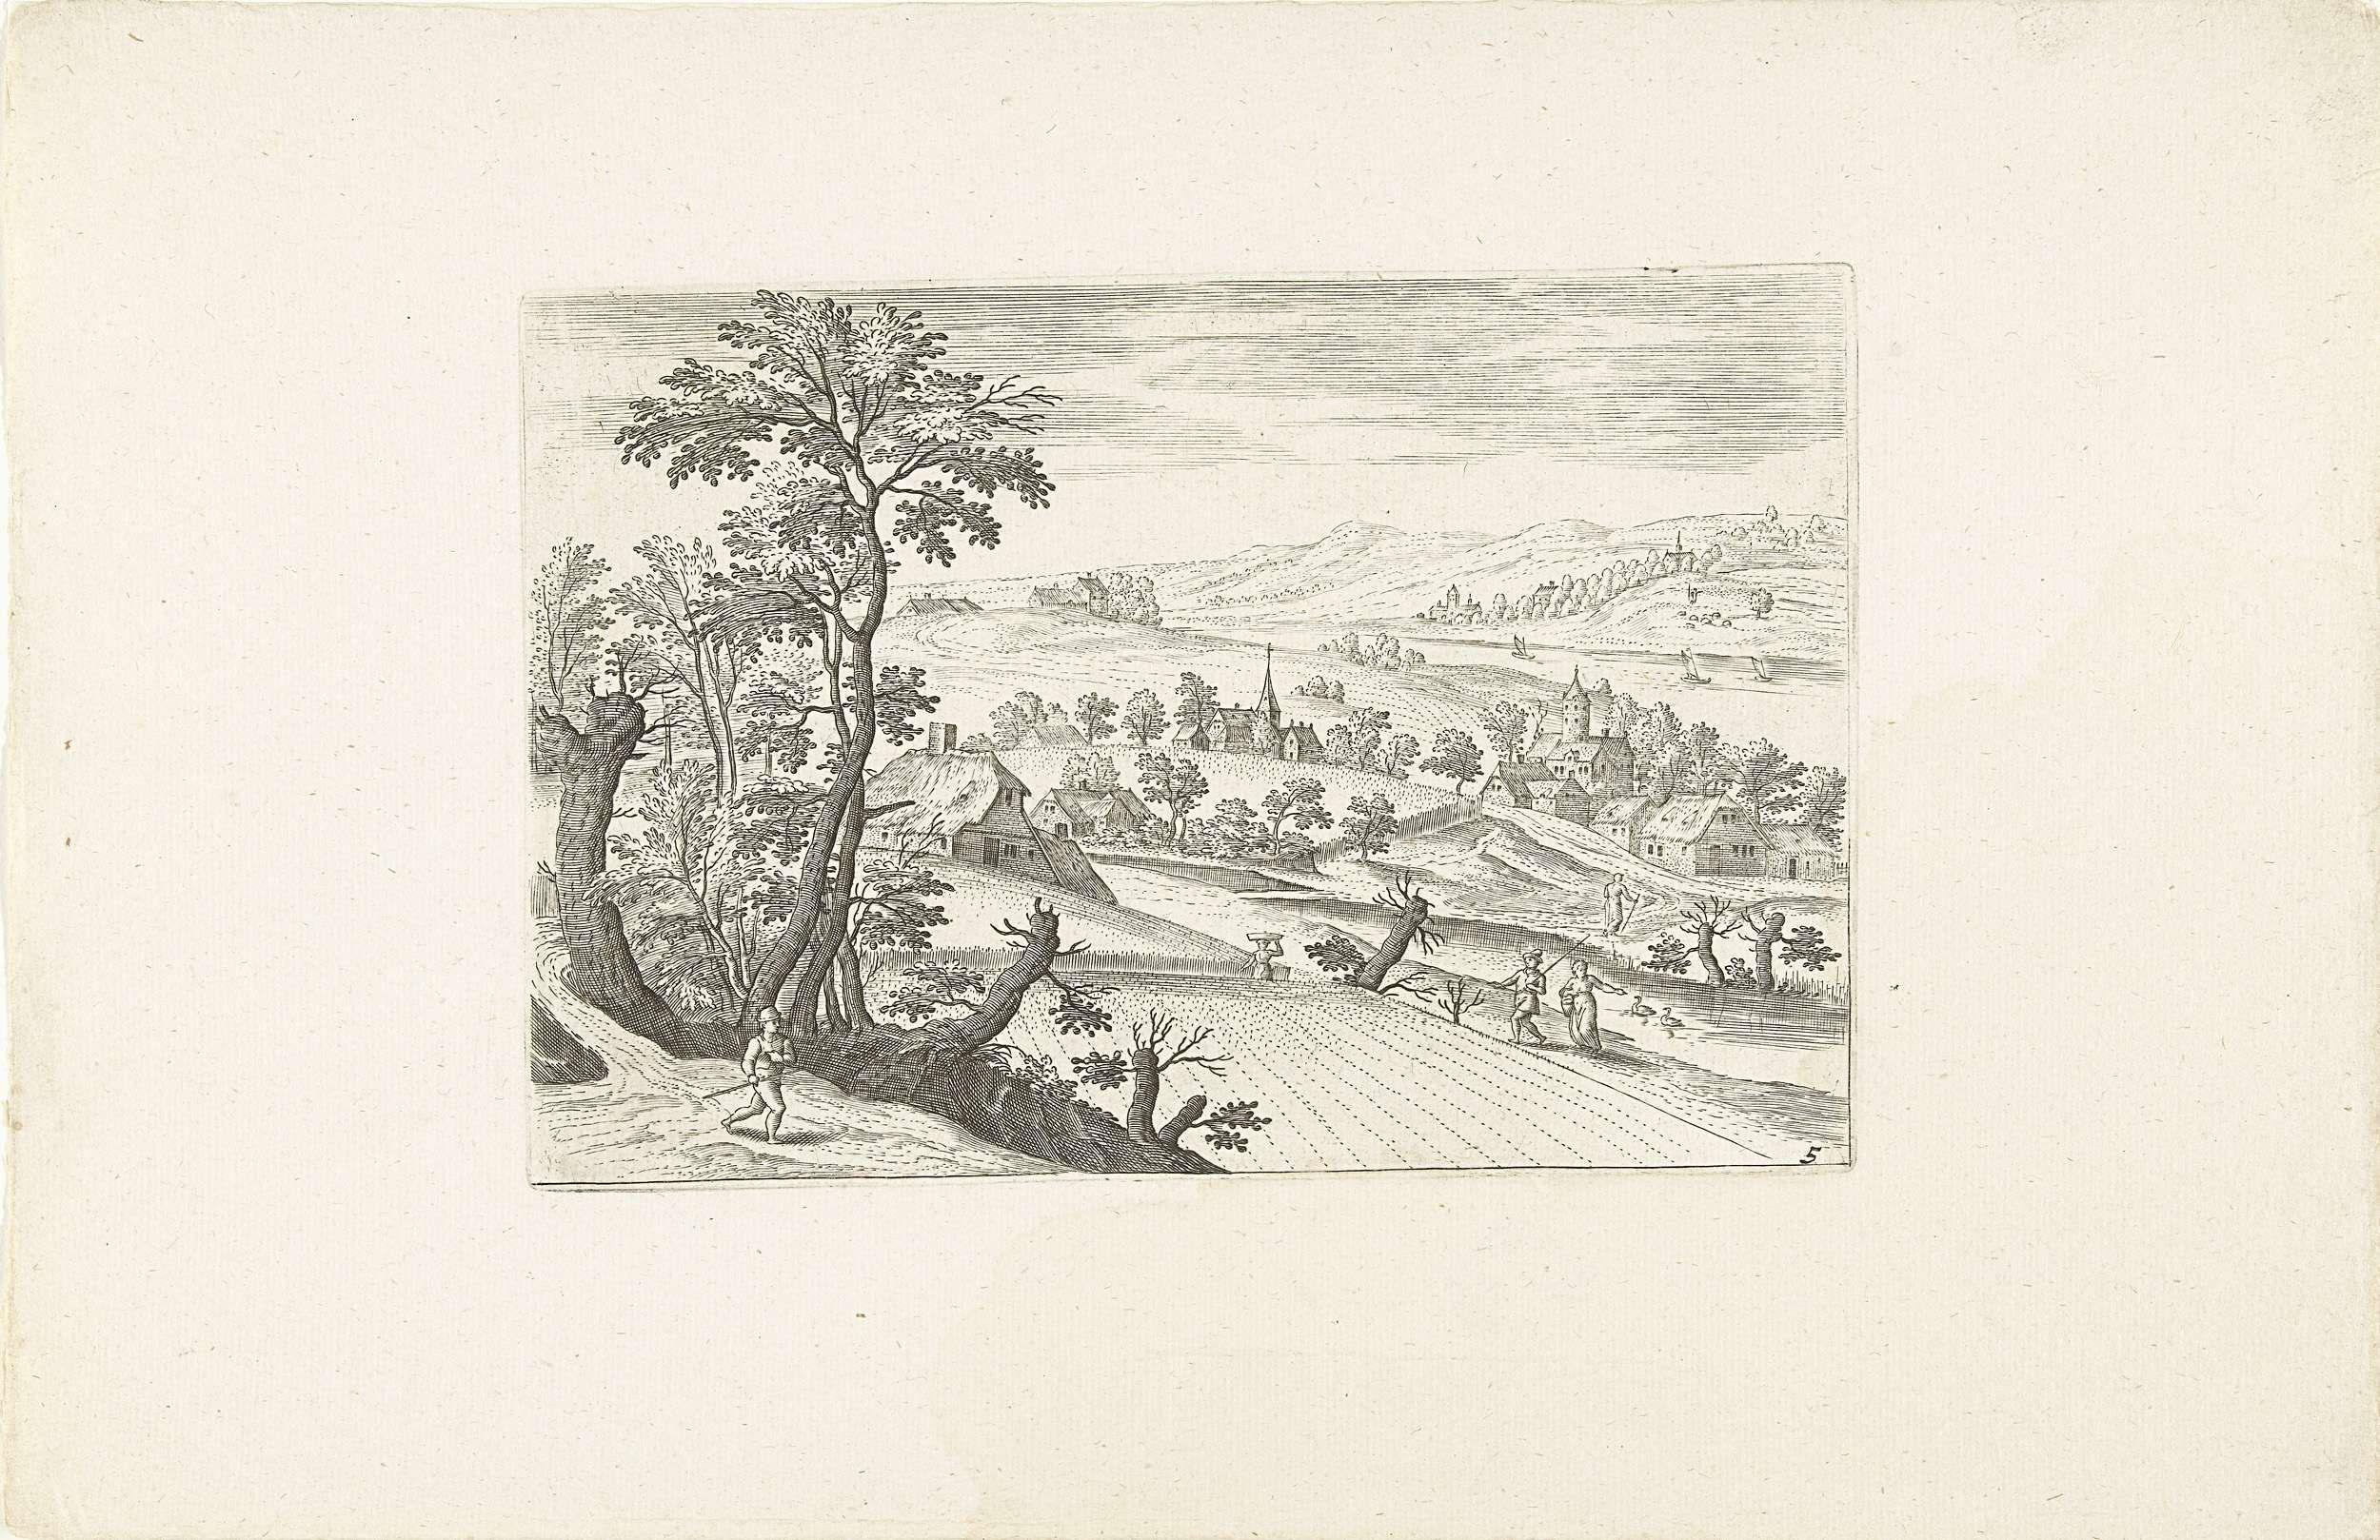 Adriaen Collaert | Landschap met een korenveld, Adriaen Collaert, Jacob Grimmer, Claes Jansz. Visscher (II), 1578 - 1618 | Landschap een korenveld en een boerderij. In de verte een dorpje. De prent is deel van een twaalfdelige serie met landschappen rond Antwerpen.